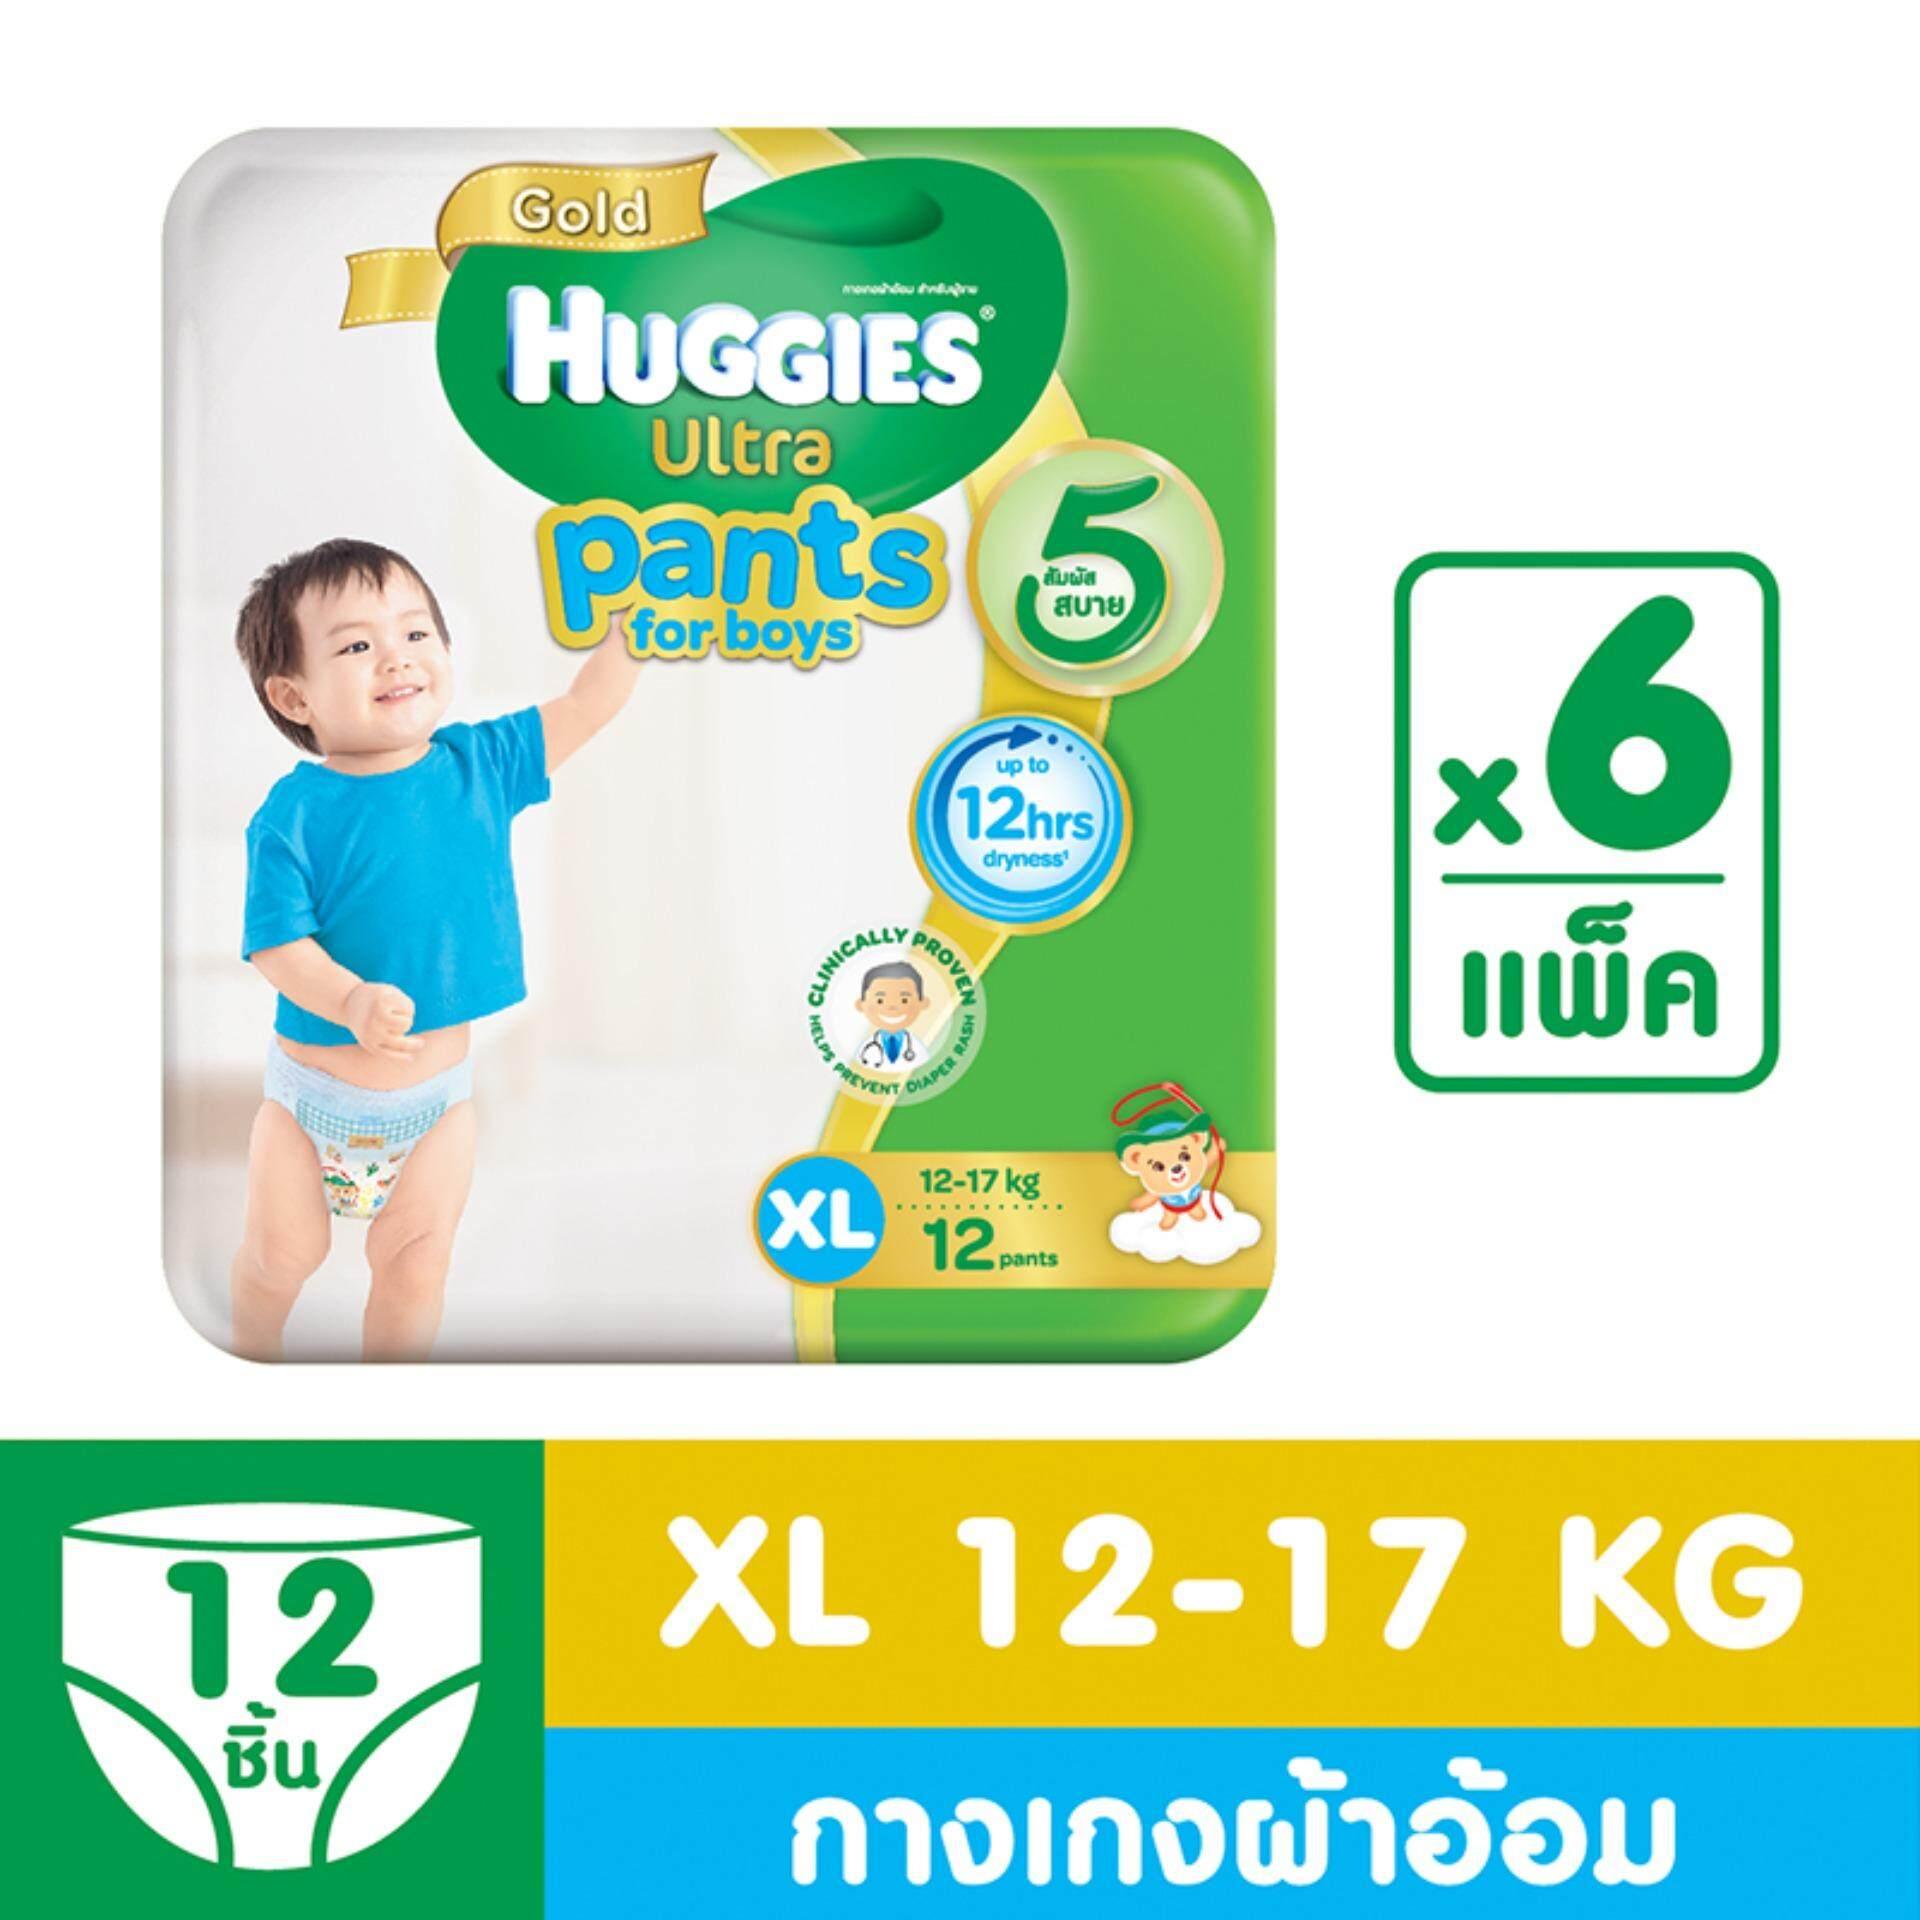 ขาย ขายยกลัง Huggies Ultra Gold แบบกางเกง ไซส์ Xl 12 ชิ้น 6 แพ็ก สำหรับเด็กชาย ใน สมุทรปราการ